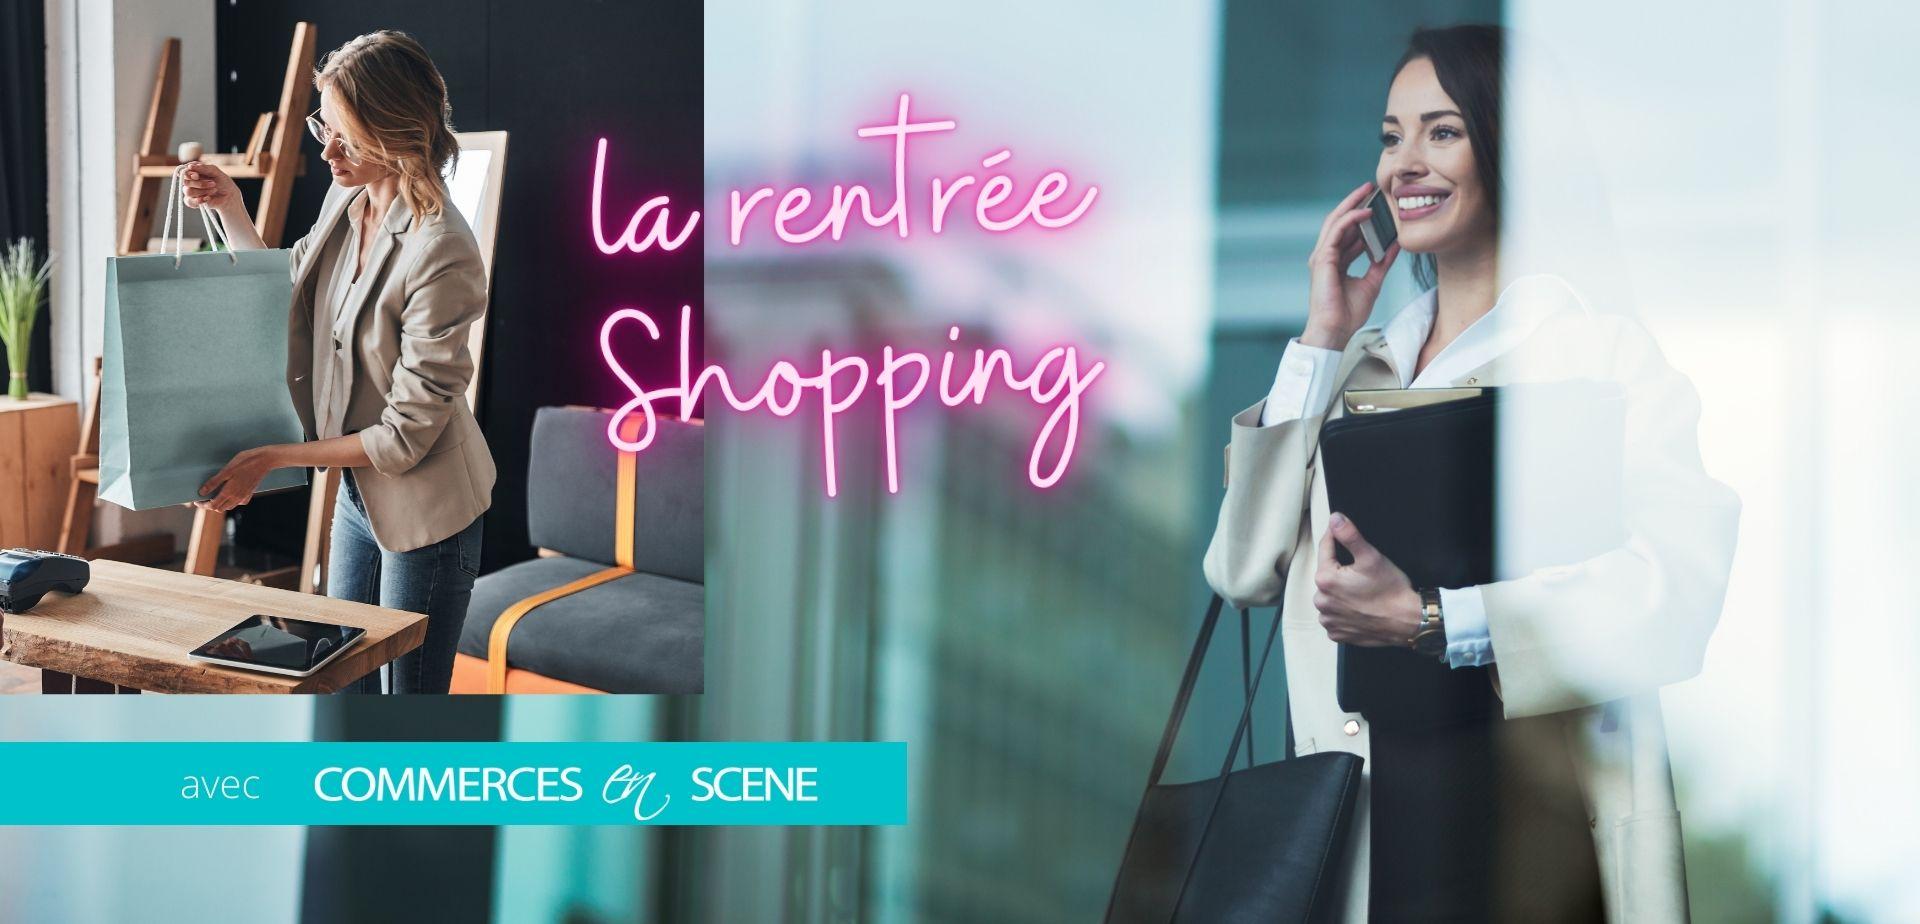 rentree shopping avec commerces en scene